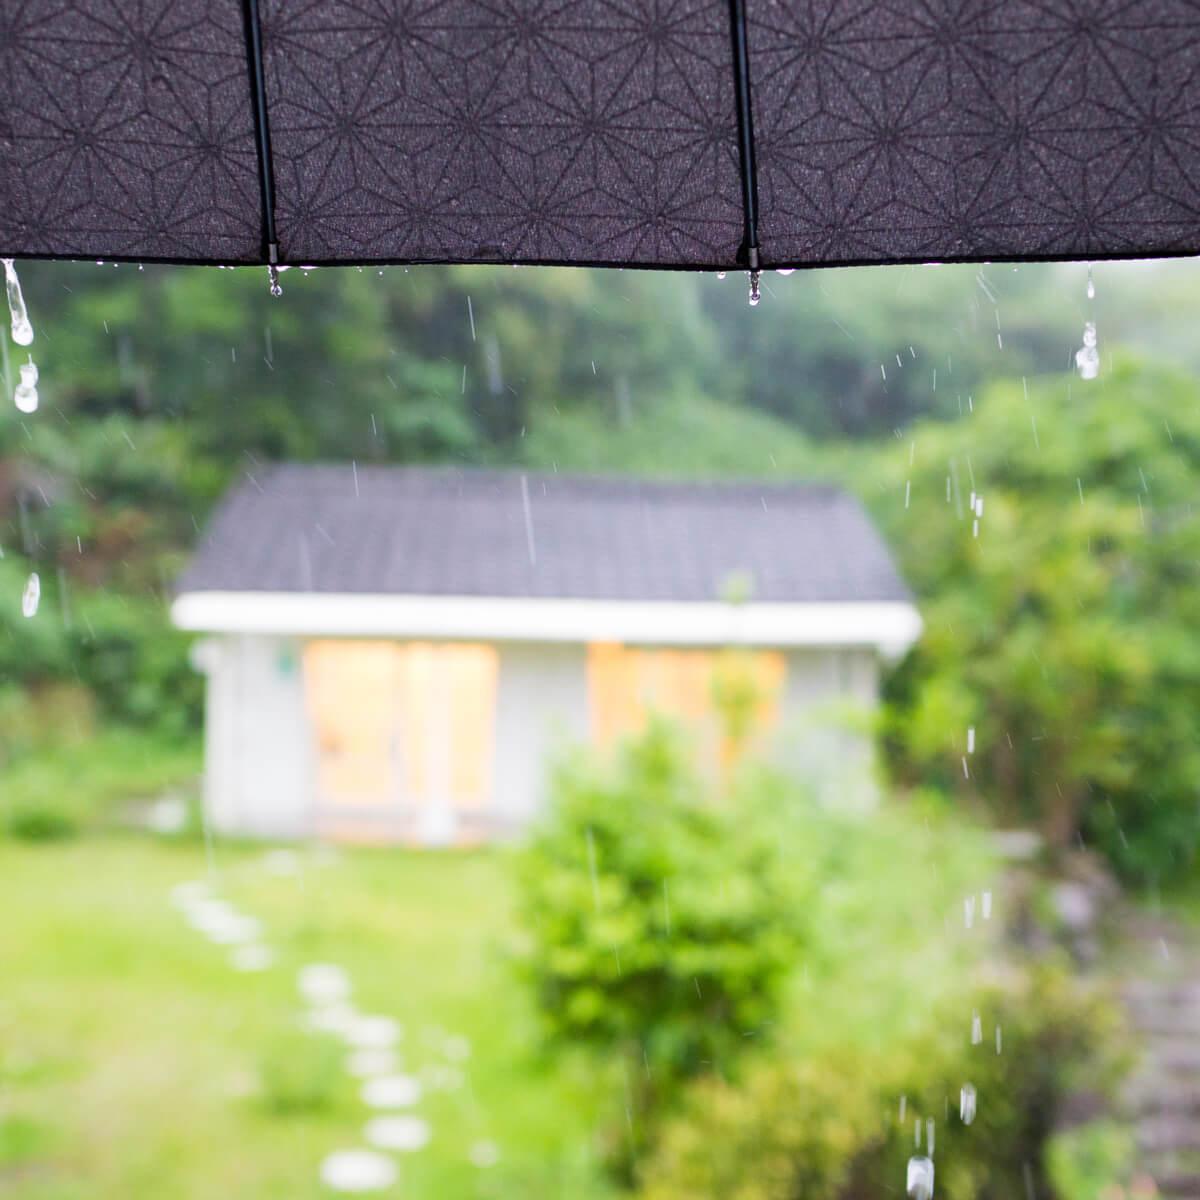 屋久島しずくギャラリー 雨 オーダーメイド結婚指輪の販売 屋久島でつくる結婚指輪